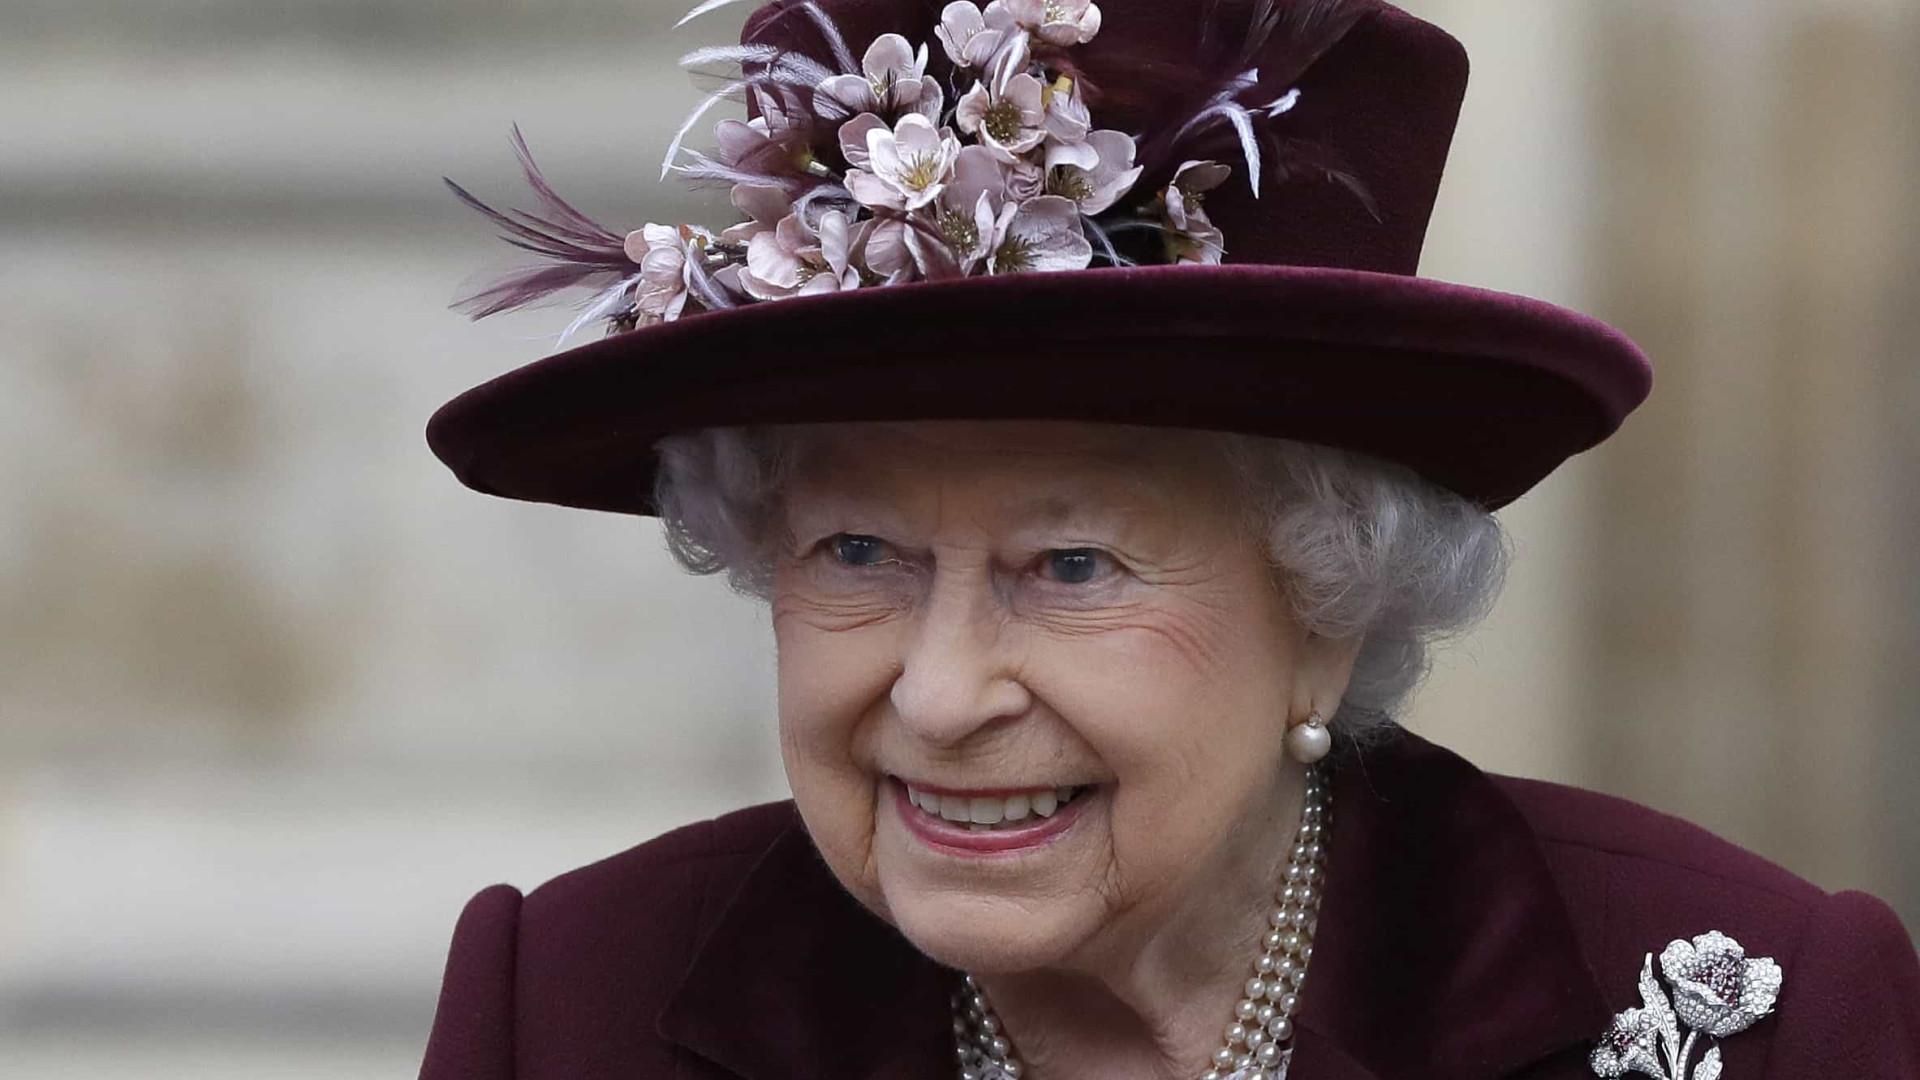 Casa real confirma planos para 95.º aniversário da rainha Isabel II